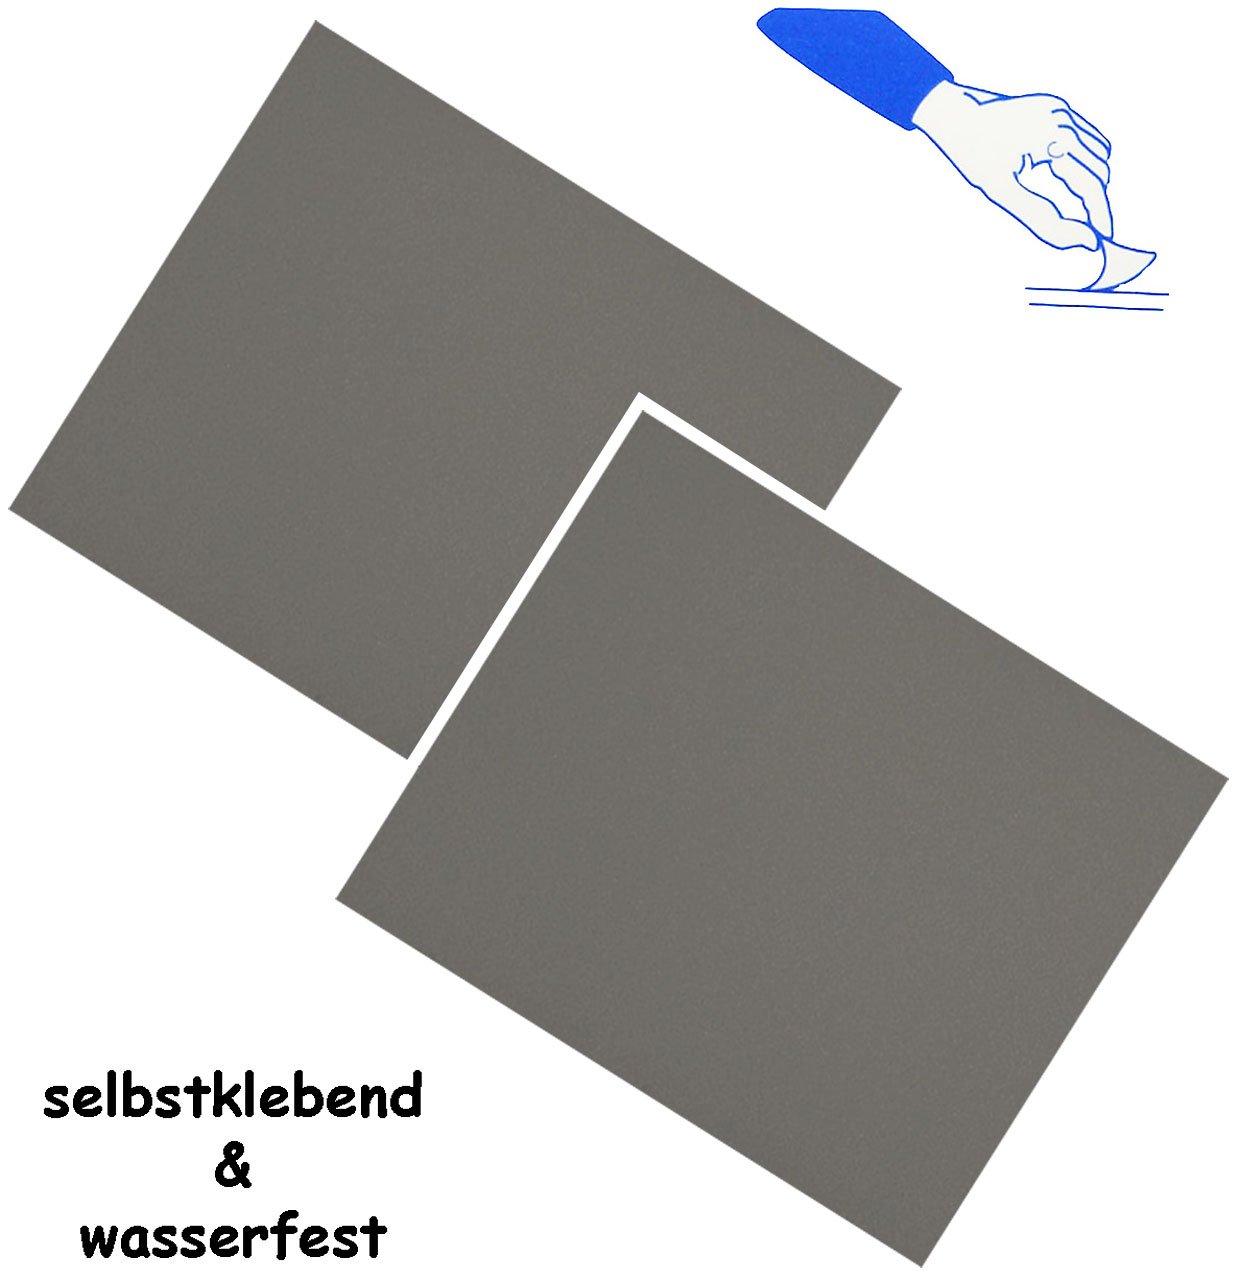 alles-meine.de GmbH 2 St/ück /_ Reparatur Aufkleber // Flicken beige // Creme Nylon selbstklebend hautfarben f/ür Bekl.. wasserabweisend /& wasserdicht Sticker // Kleber